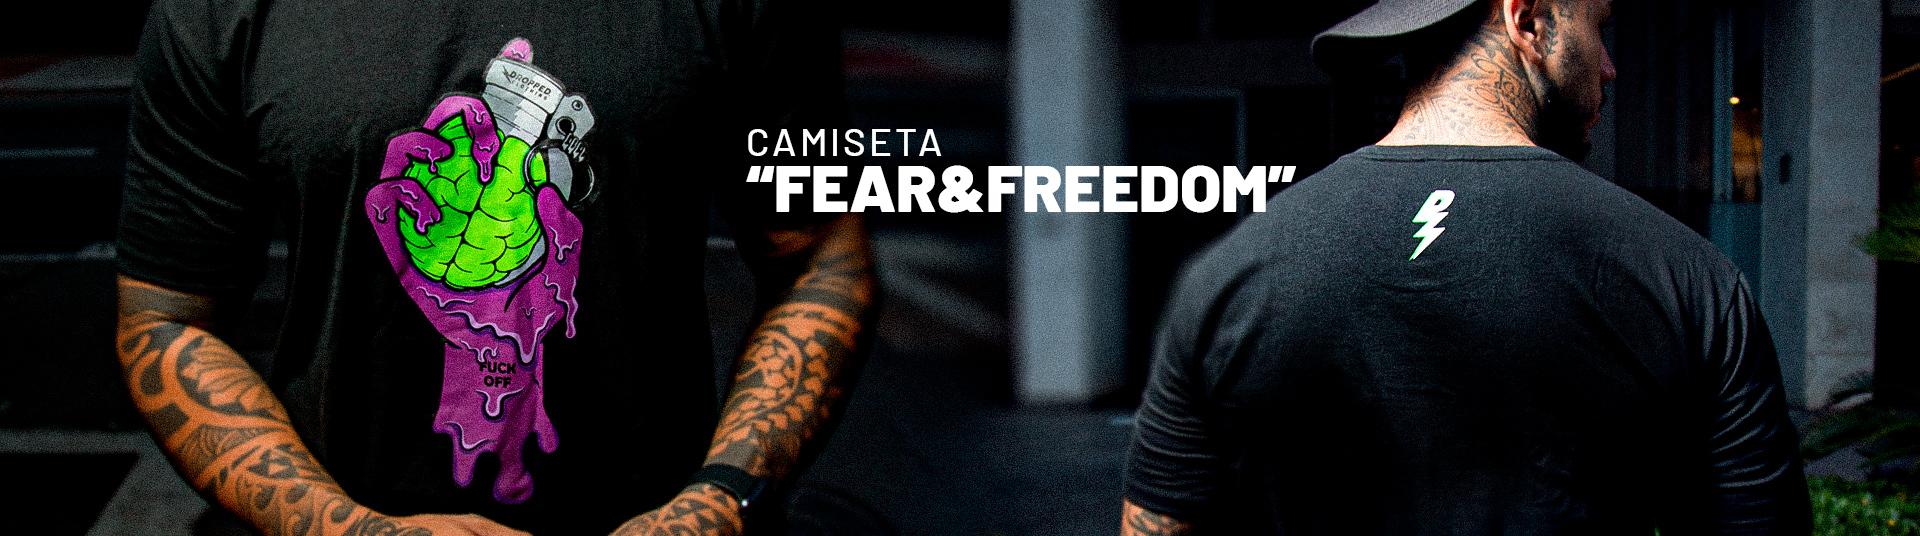 Camiseta Fear&Freedom1